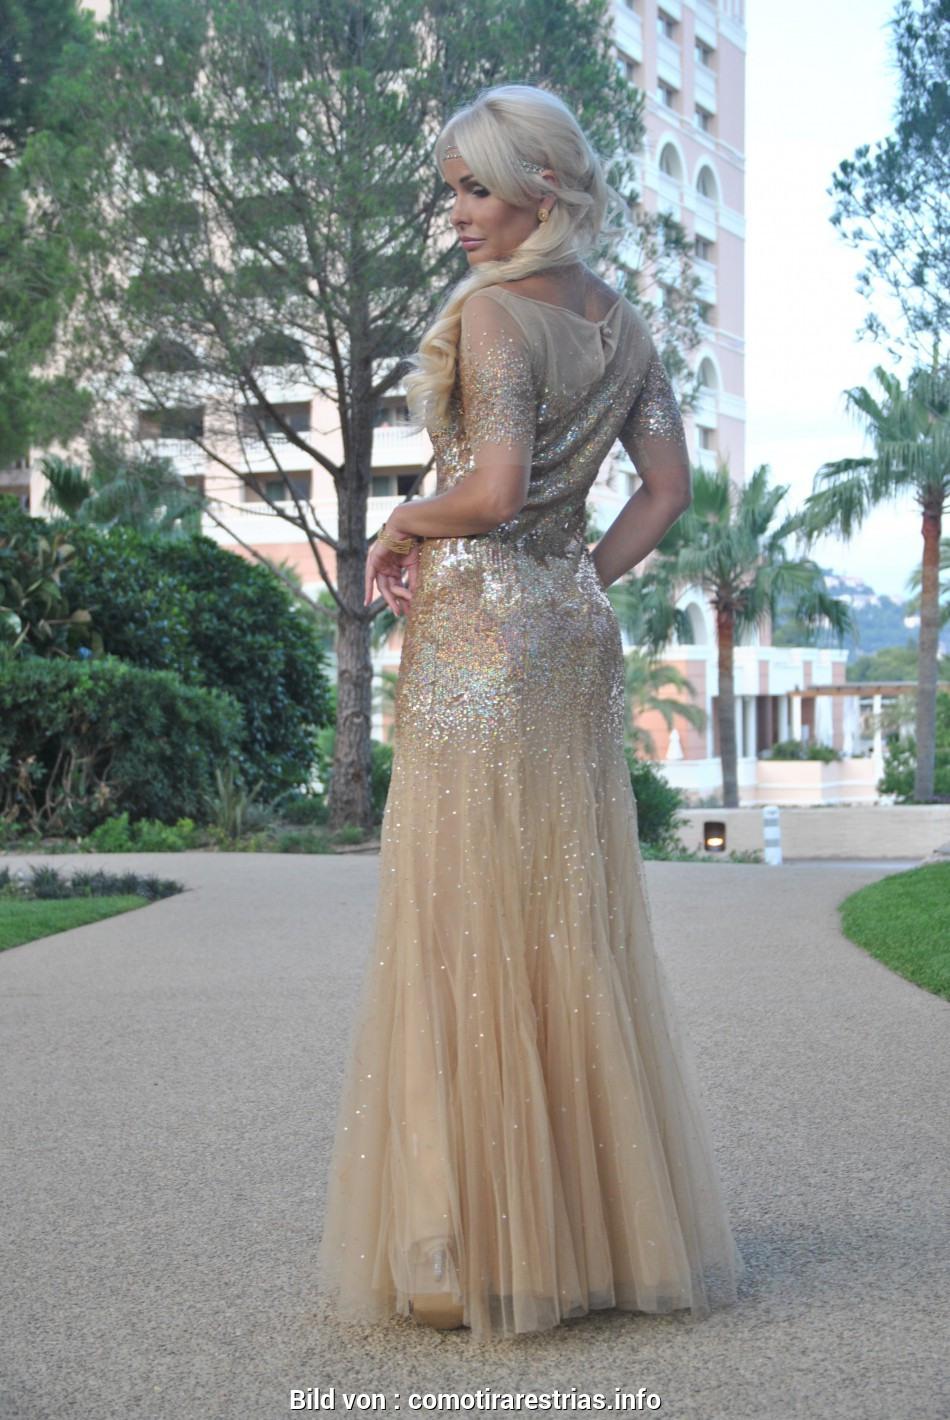 17 Top Abendkleid Verleih München für 201910 Einzigartig Abendkleid Verleih München Stylish